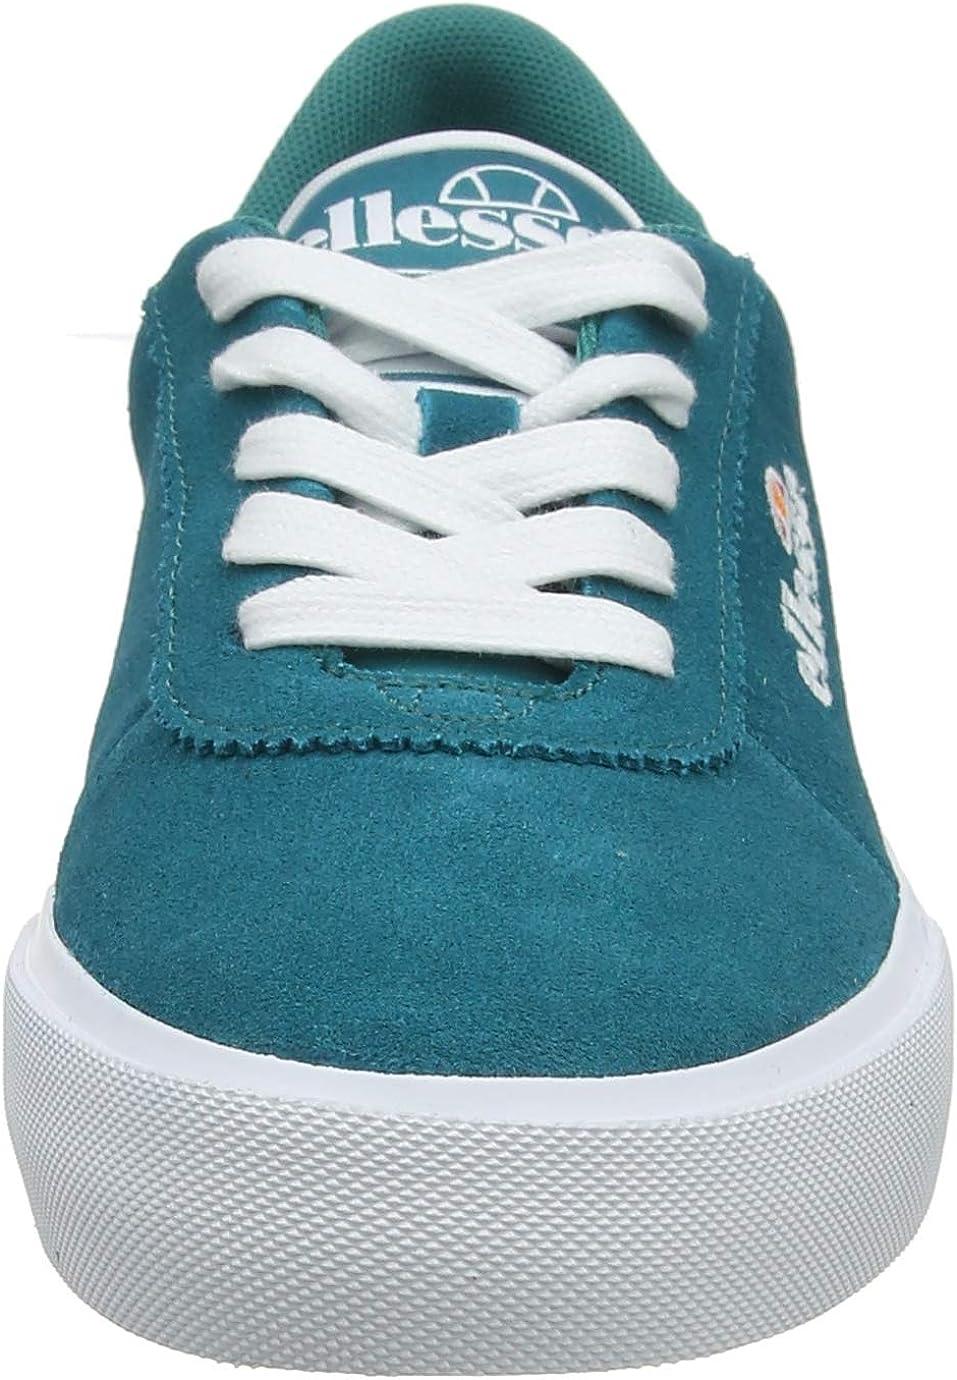 Los Más Valorados Tienda Online Excelente Ellesse Alto Zag, Zapatillas para Hombre Azul Dark Turquoise Dk Trqs SoKNmc n9SJw3 b3mhwx